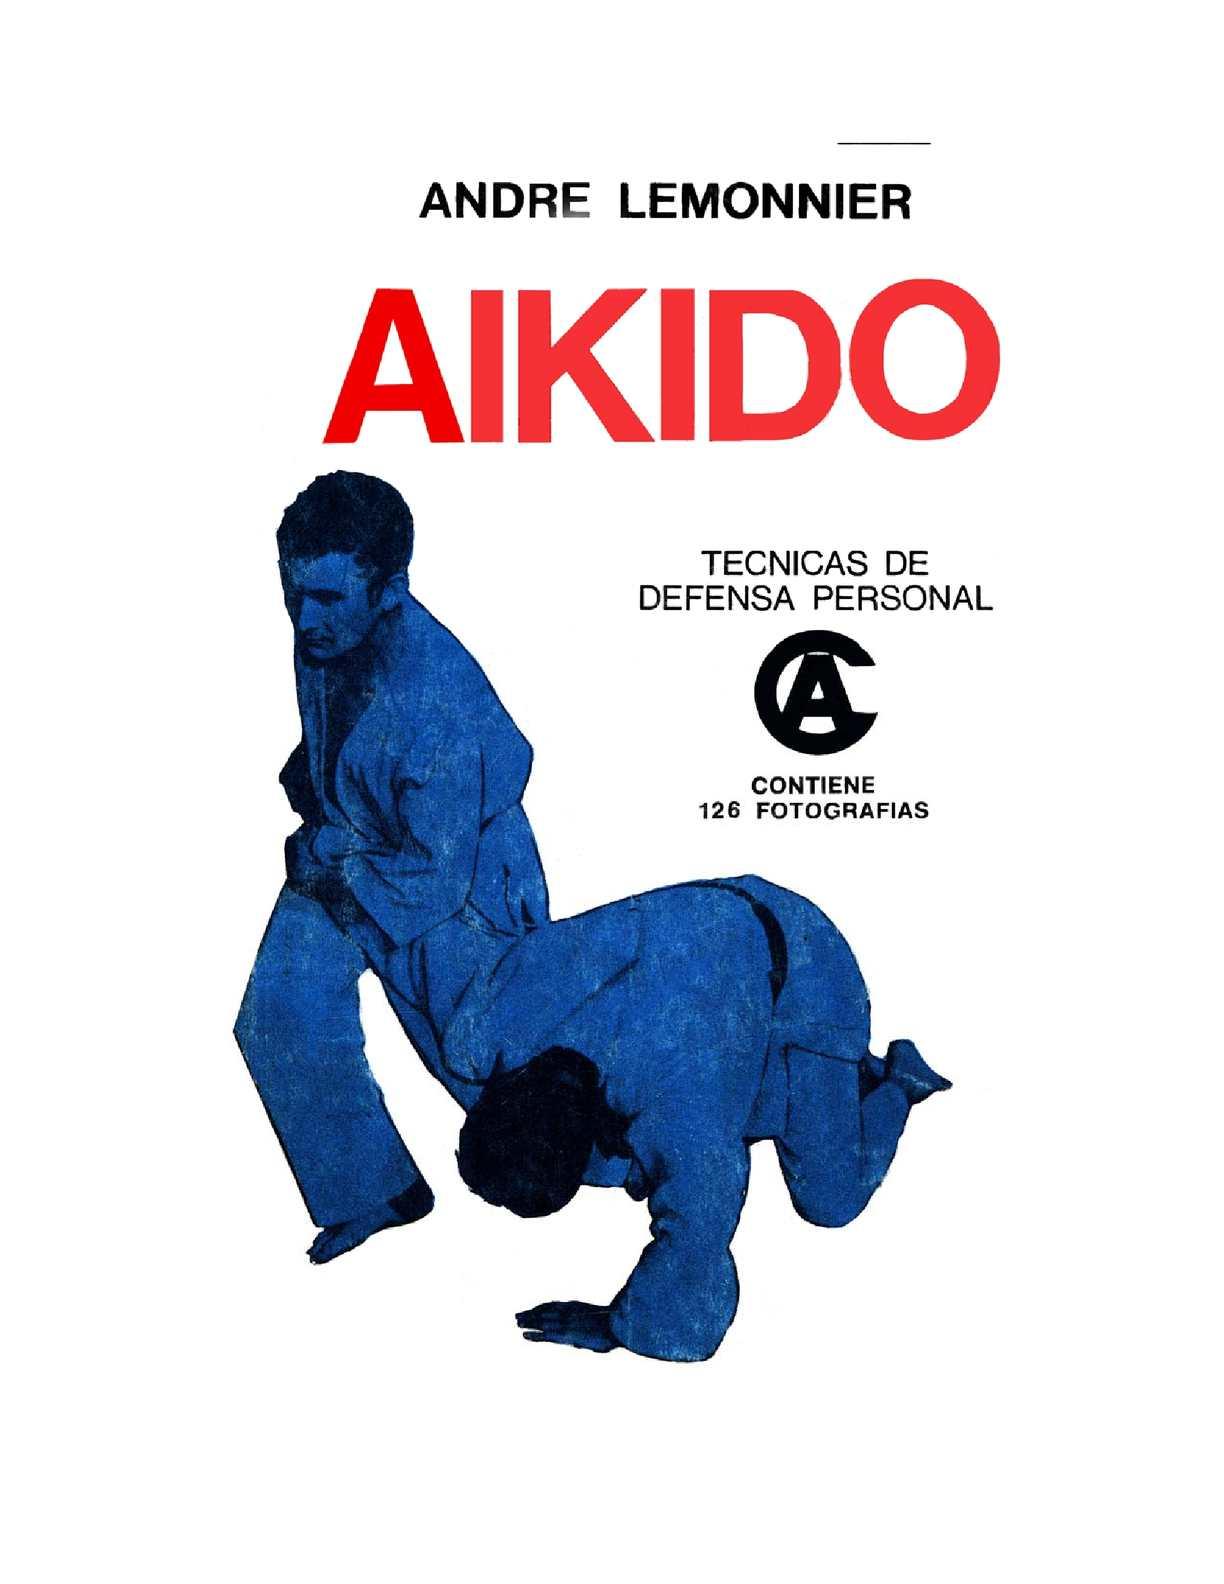 Aikido Técnicas De Defensa Personal